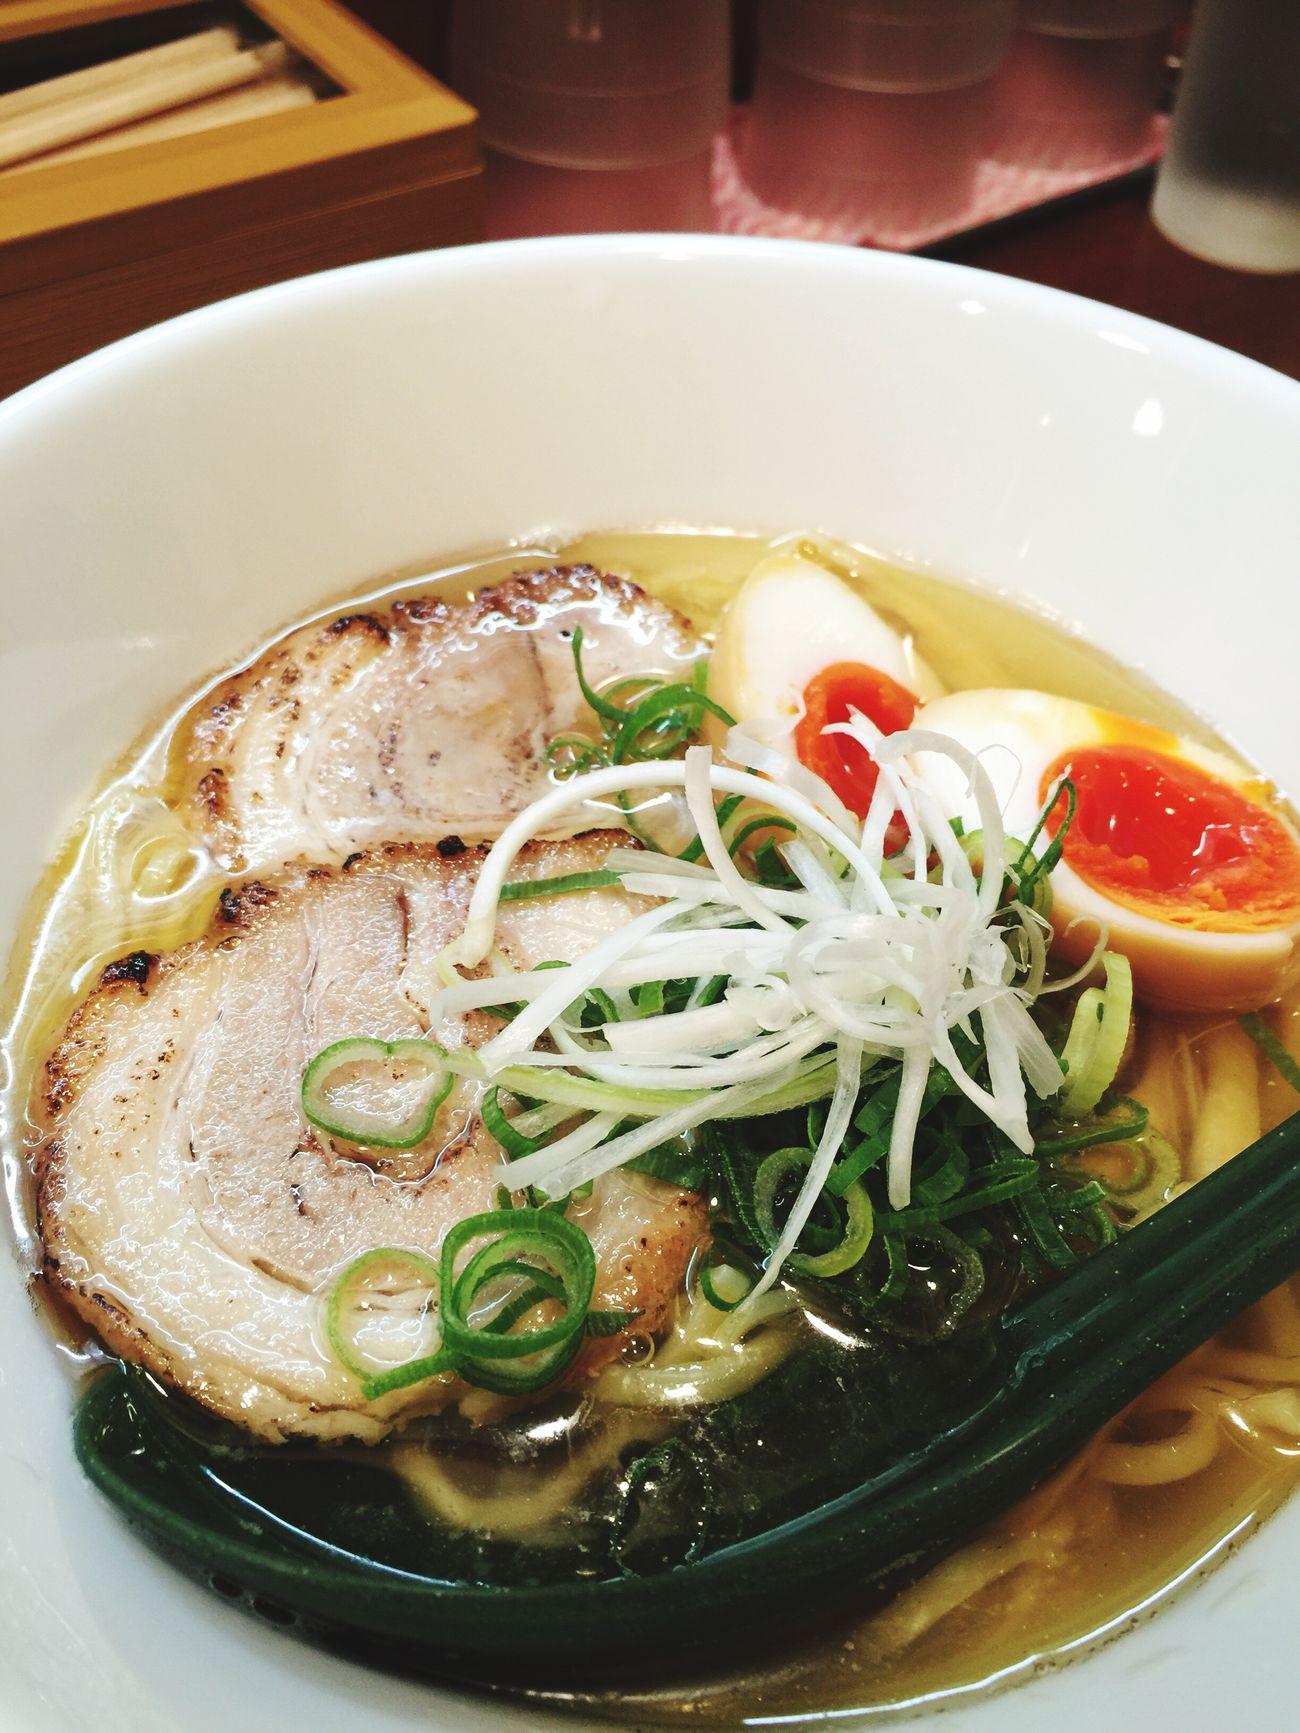 優しい塩ラーメン。わたし好み。 Vscocam #vsco ラーメン ラヲタ ラ女子 Ramen 大阪市 本町